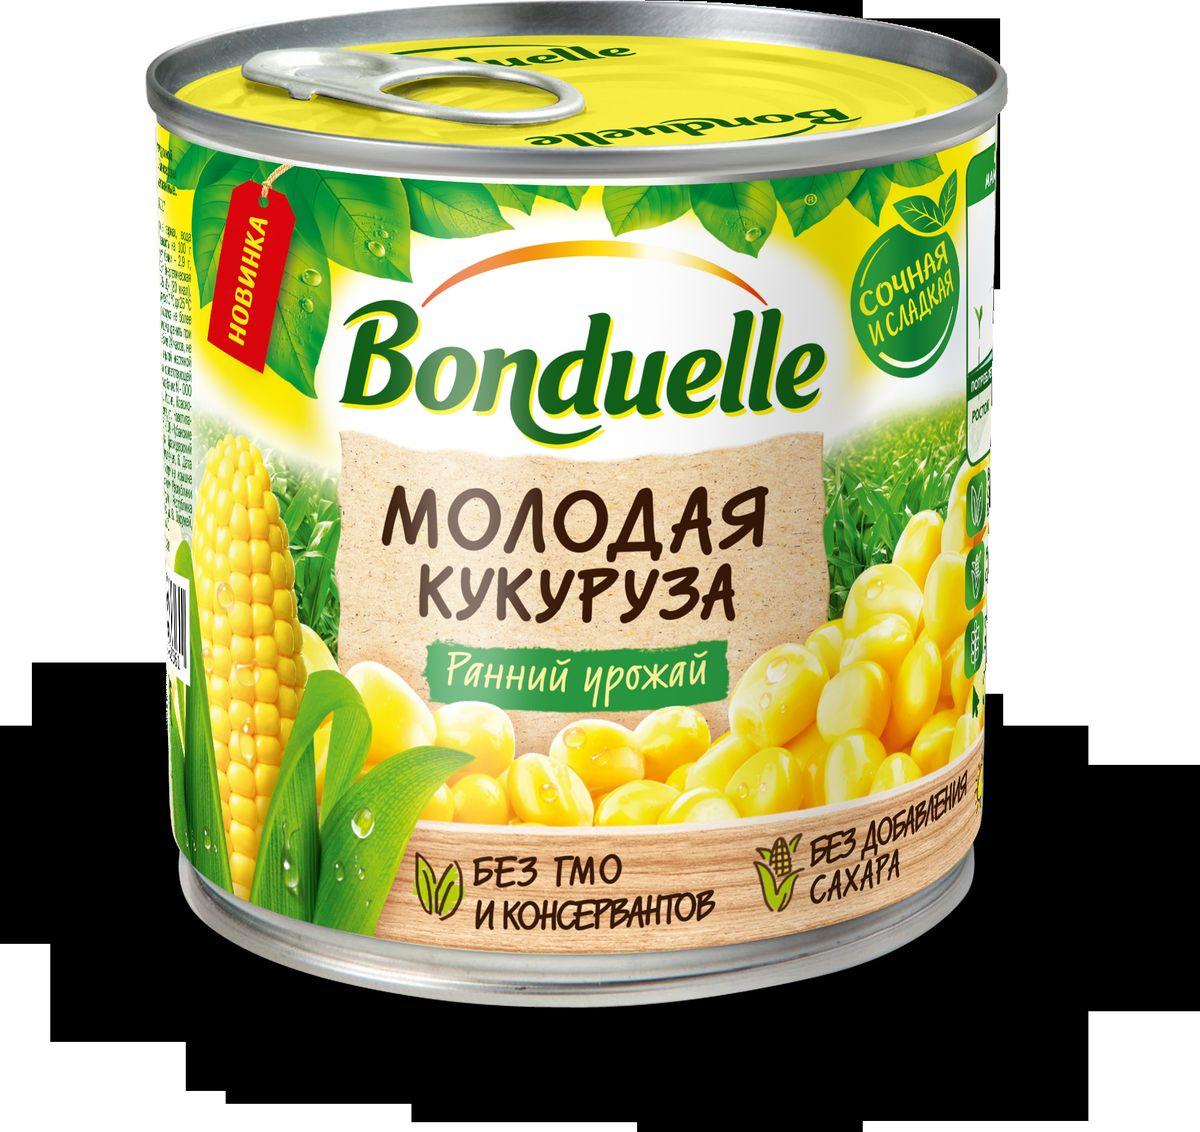 Bonduelle Кукуруза молодая, 340 г3083681083330Высокое качество, изысканный вкус, сочная, натурально сладкая, без добавления сахара. Вкусный и полезный перекус, сочный и хрустящий ингредиент для овощных салатов.